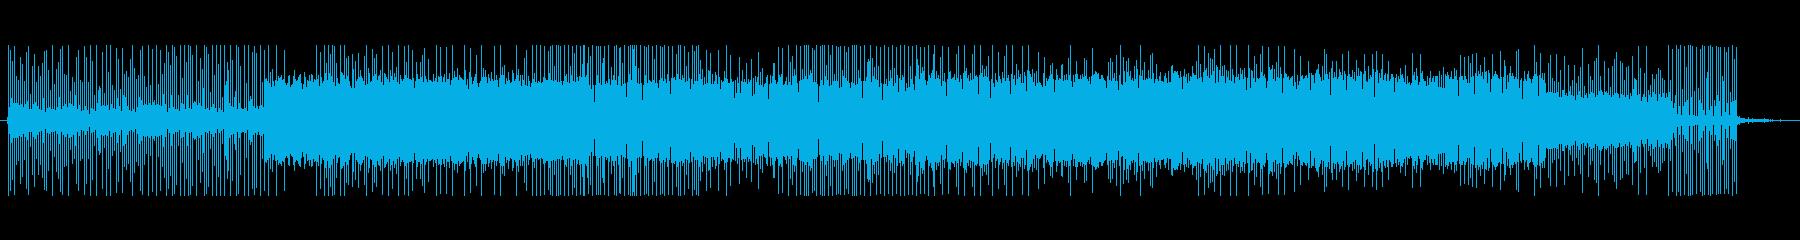 宇宙洞窟の再生済みの波形